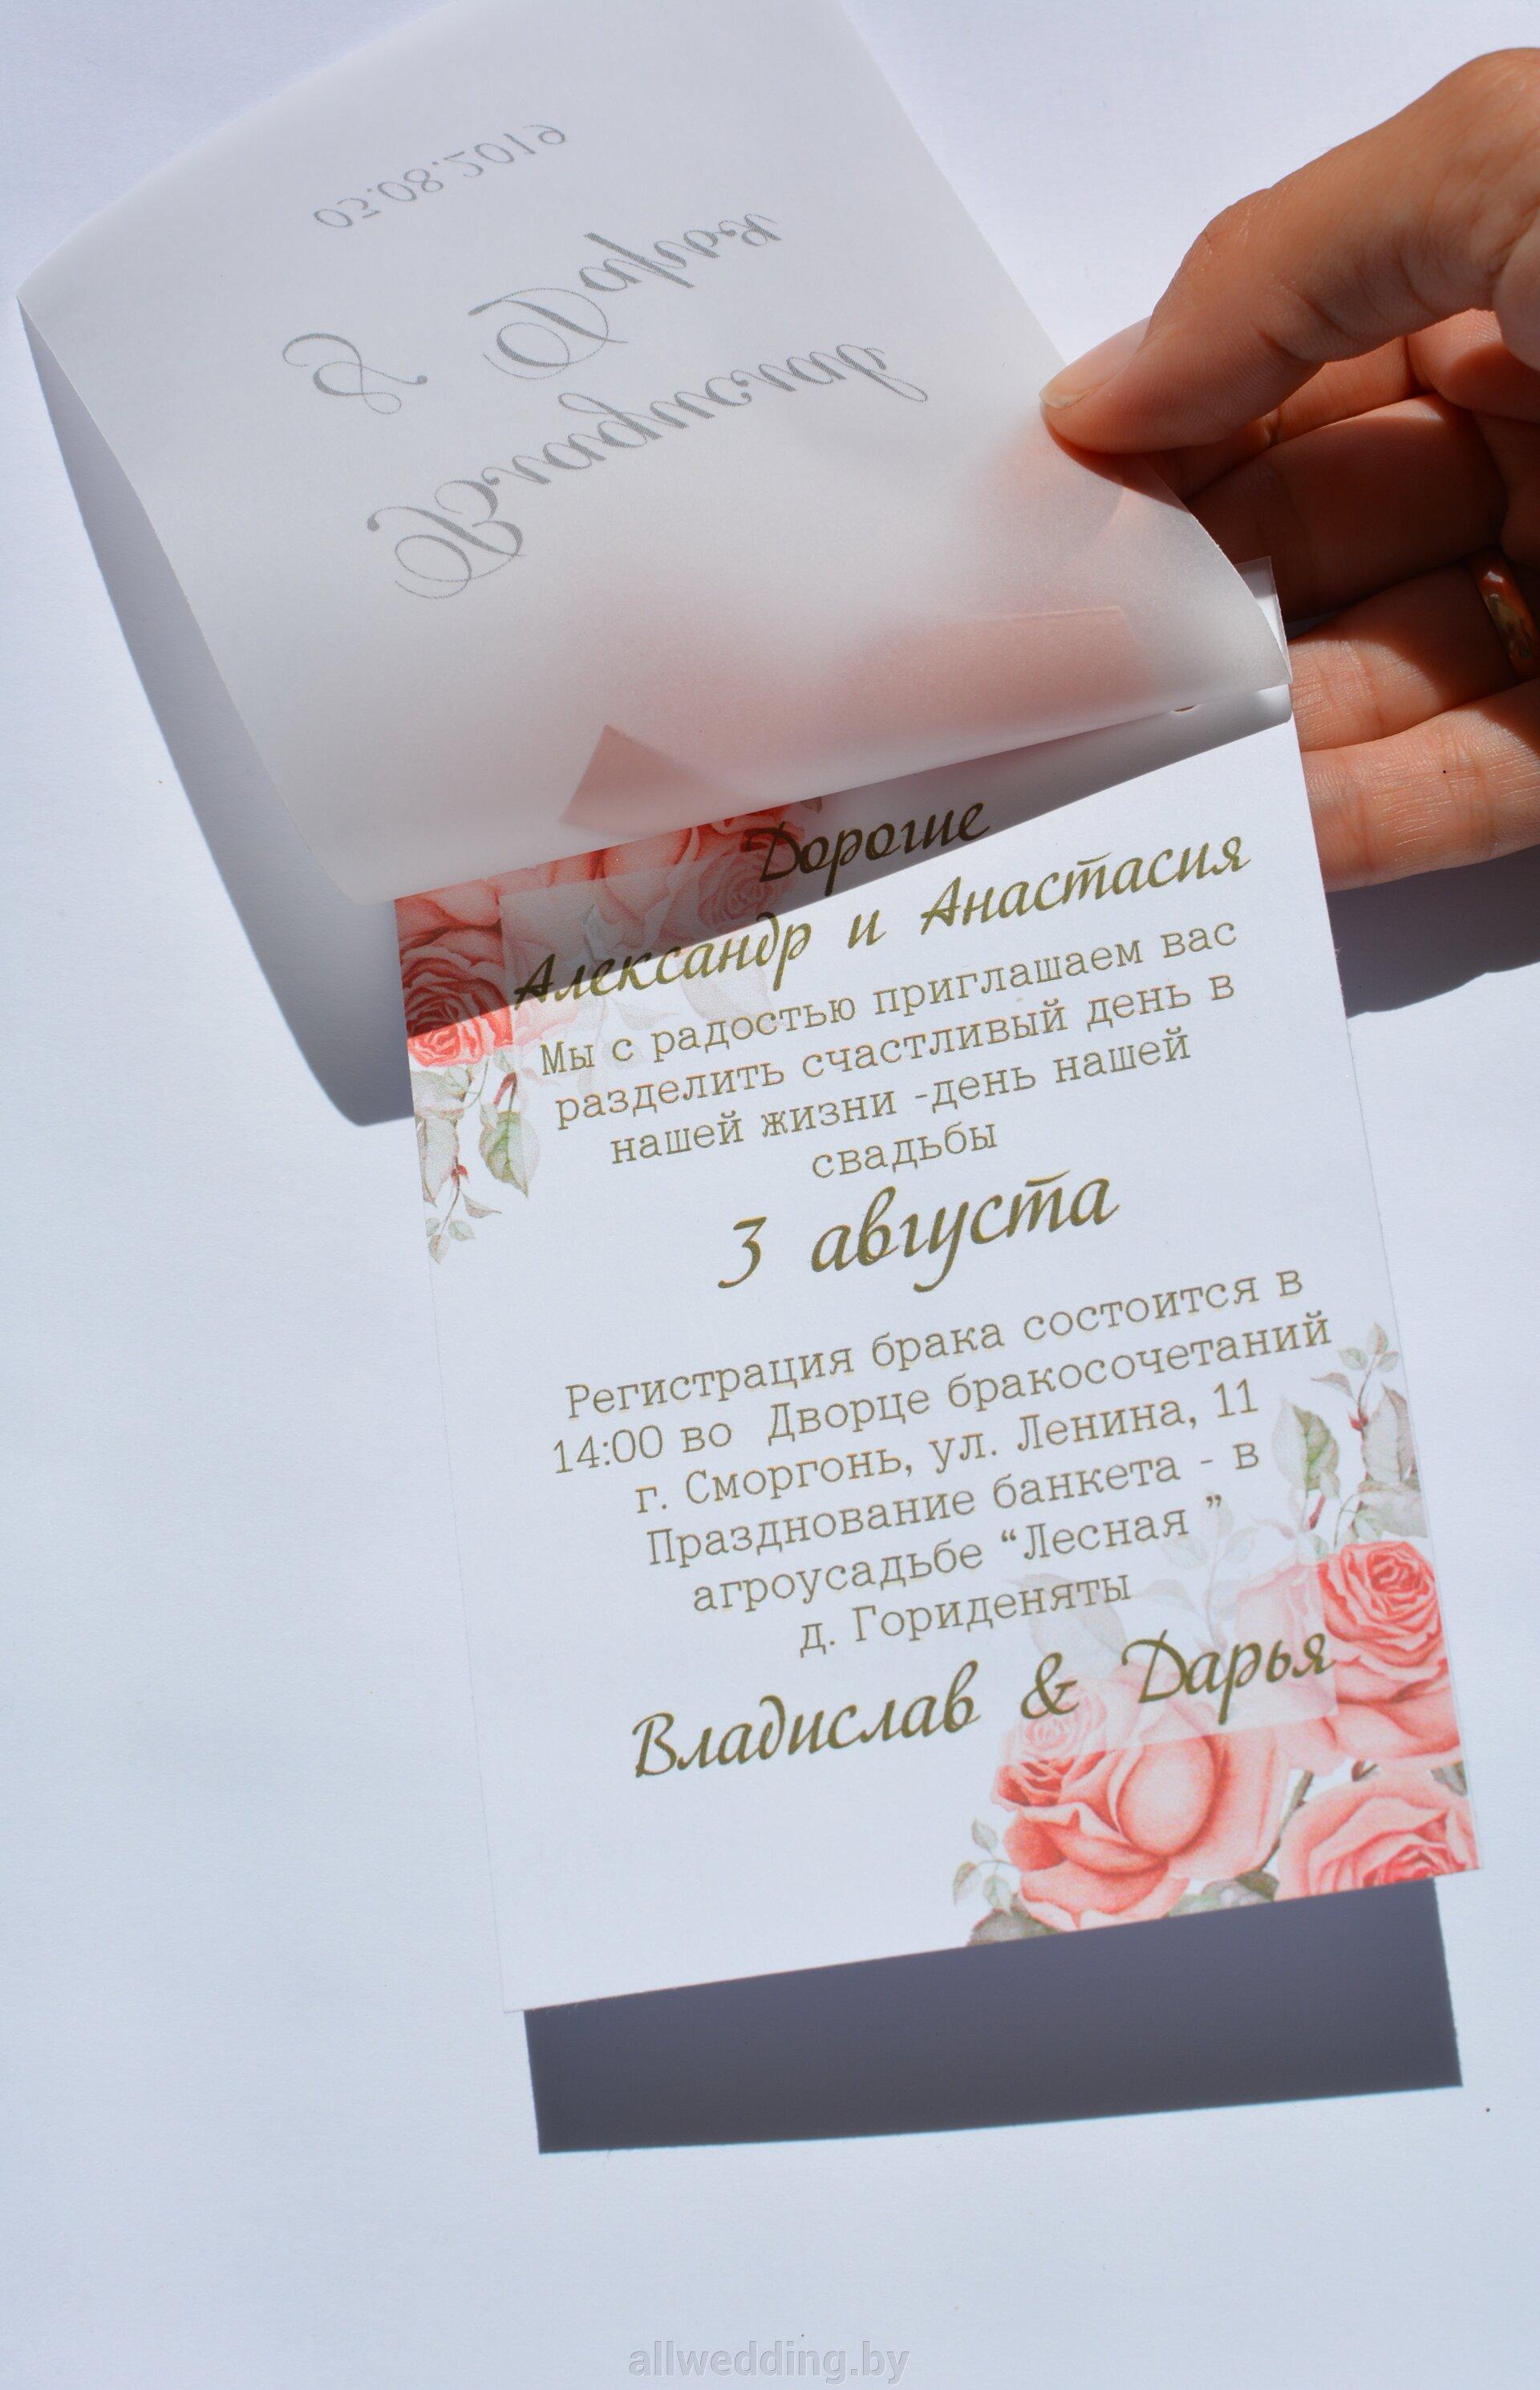 Приглашение на свадьбу ручной работы Infinity. - фото pic_939d87392a6fe8630f55b95107d242e7_1920x9000_1.jpg